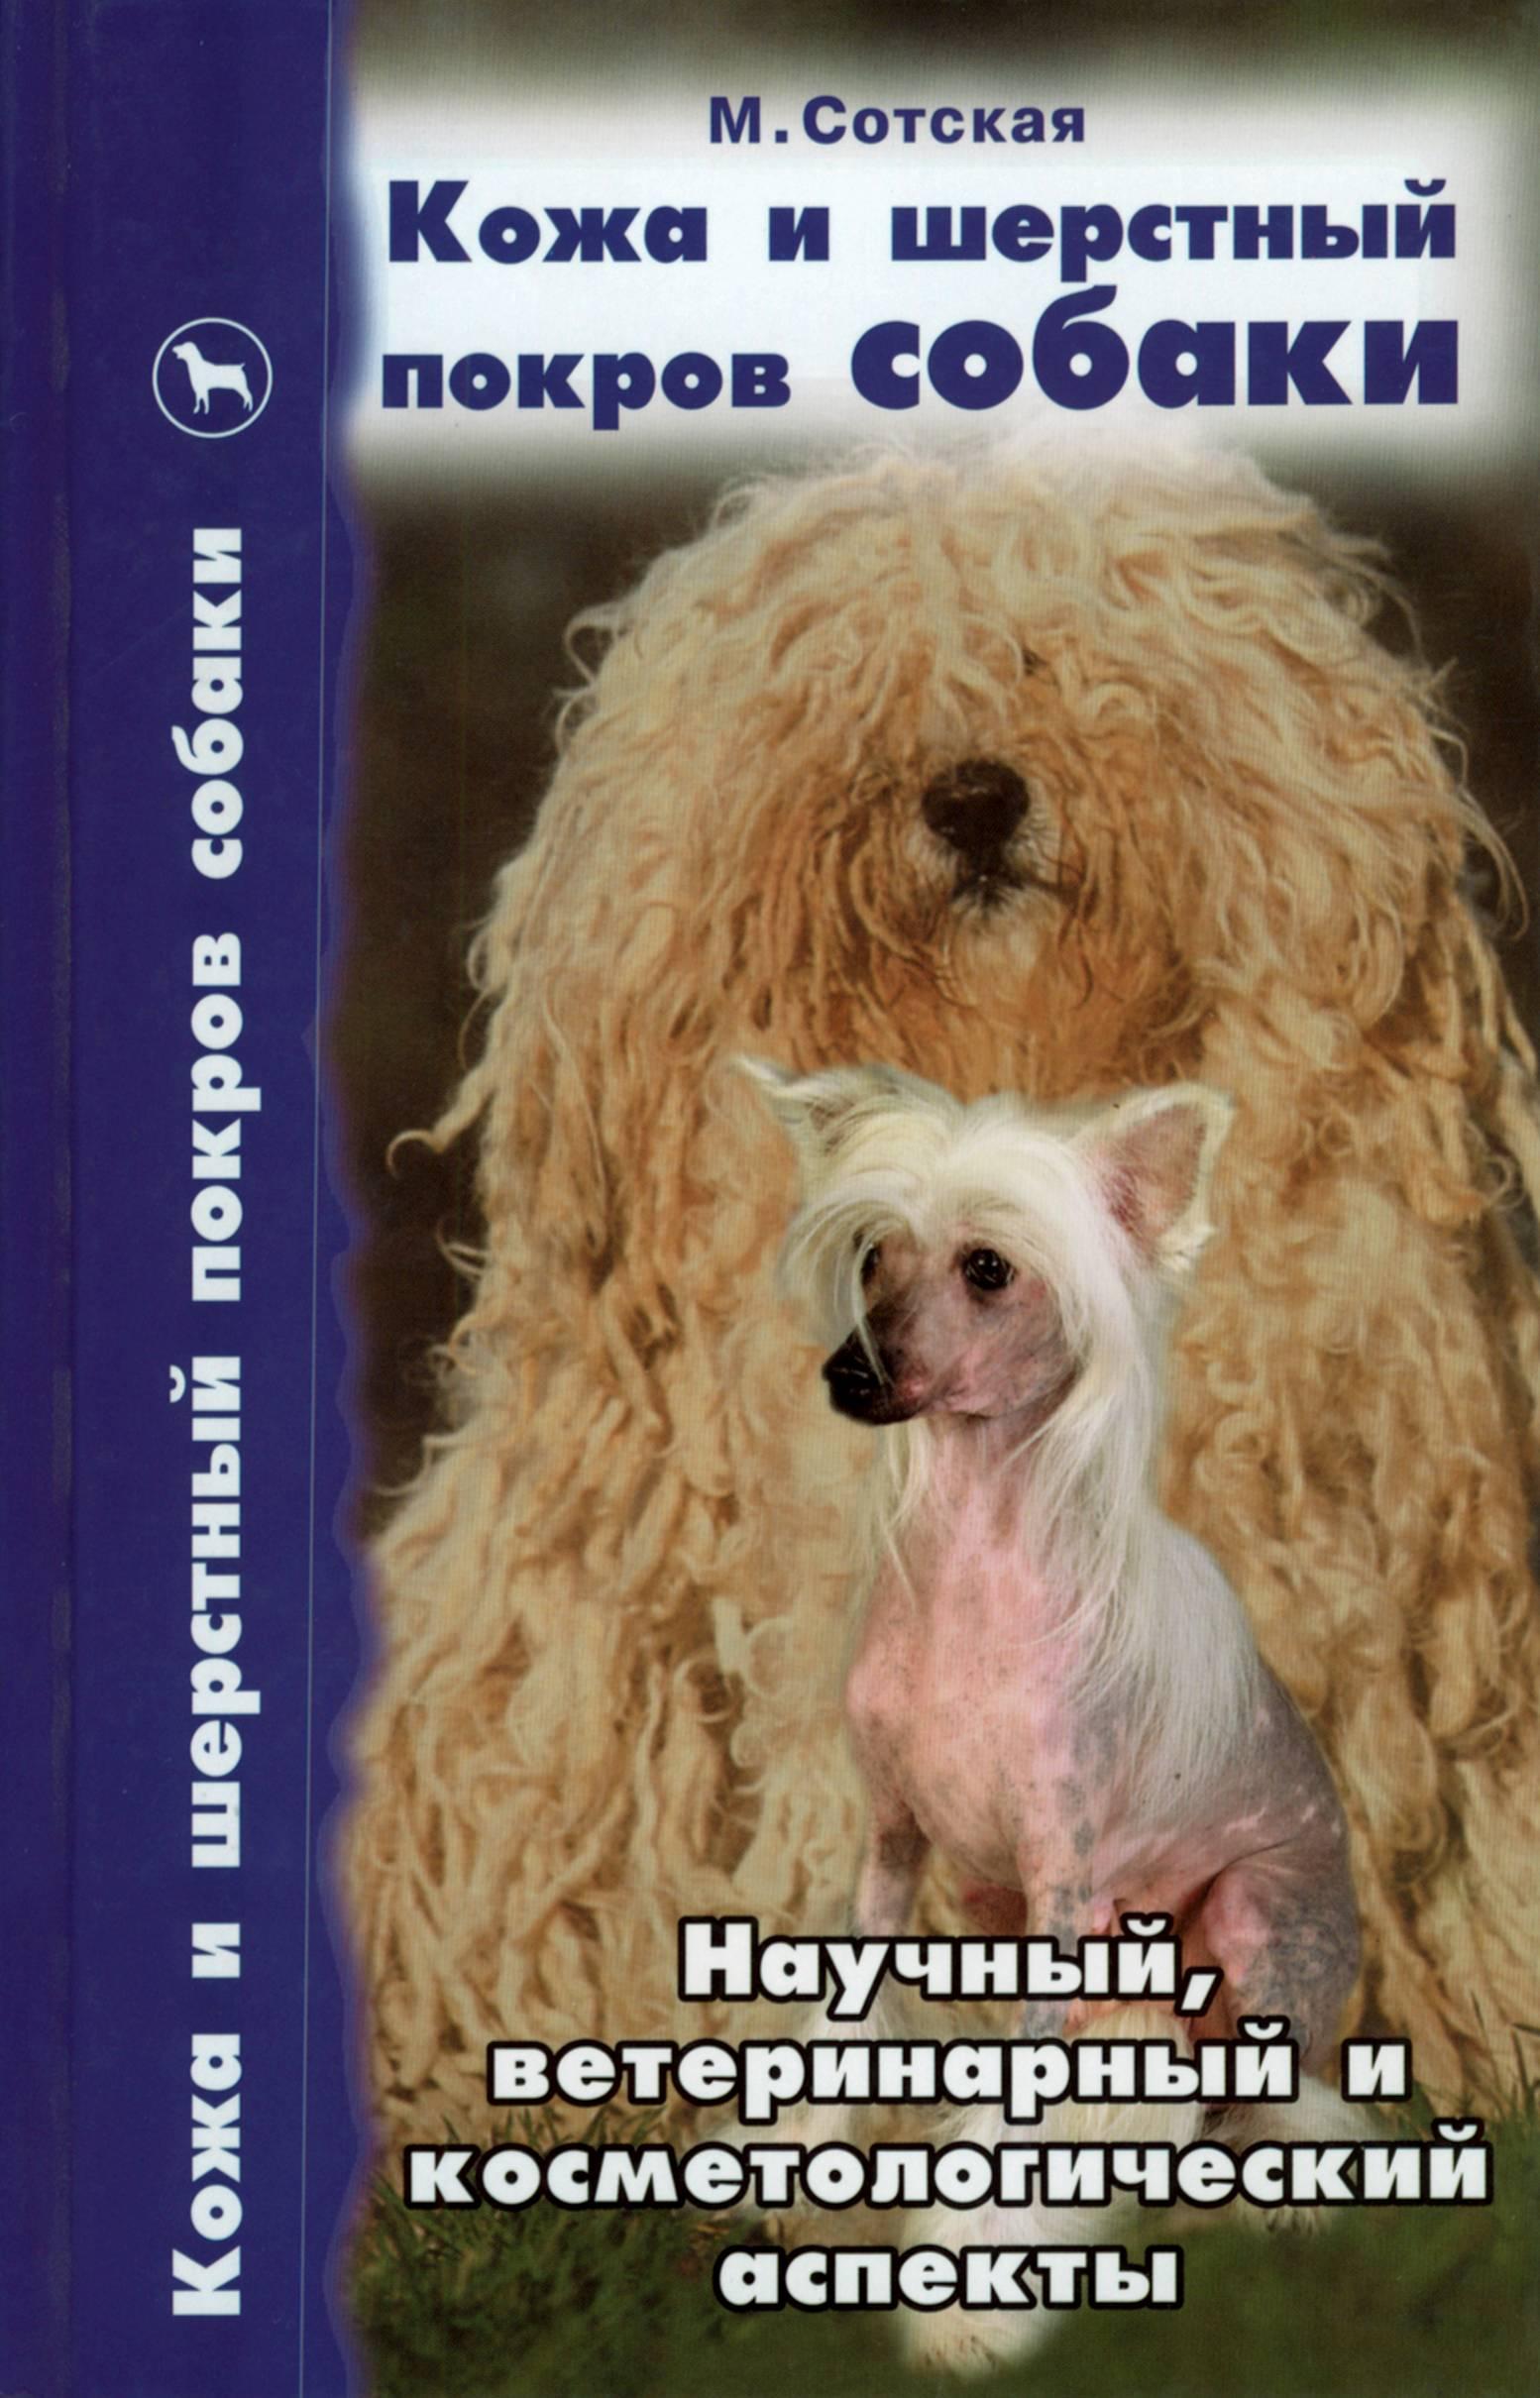 Мария Сотская: Кожа и шерстный покров собаки. Научный, ветеринарный и косметологический аспекты